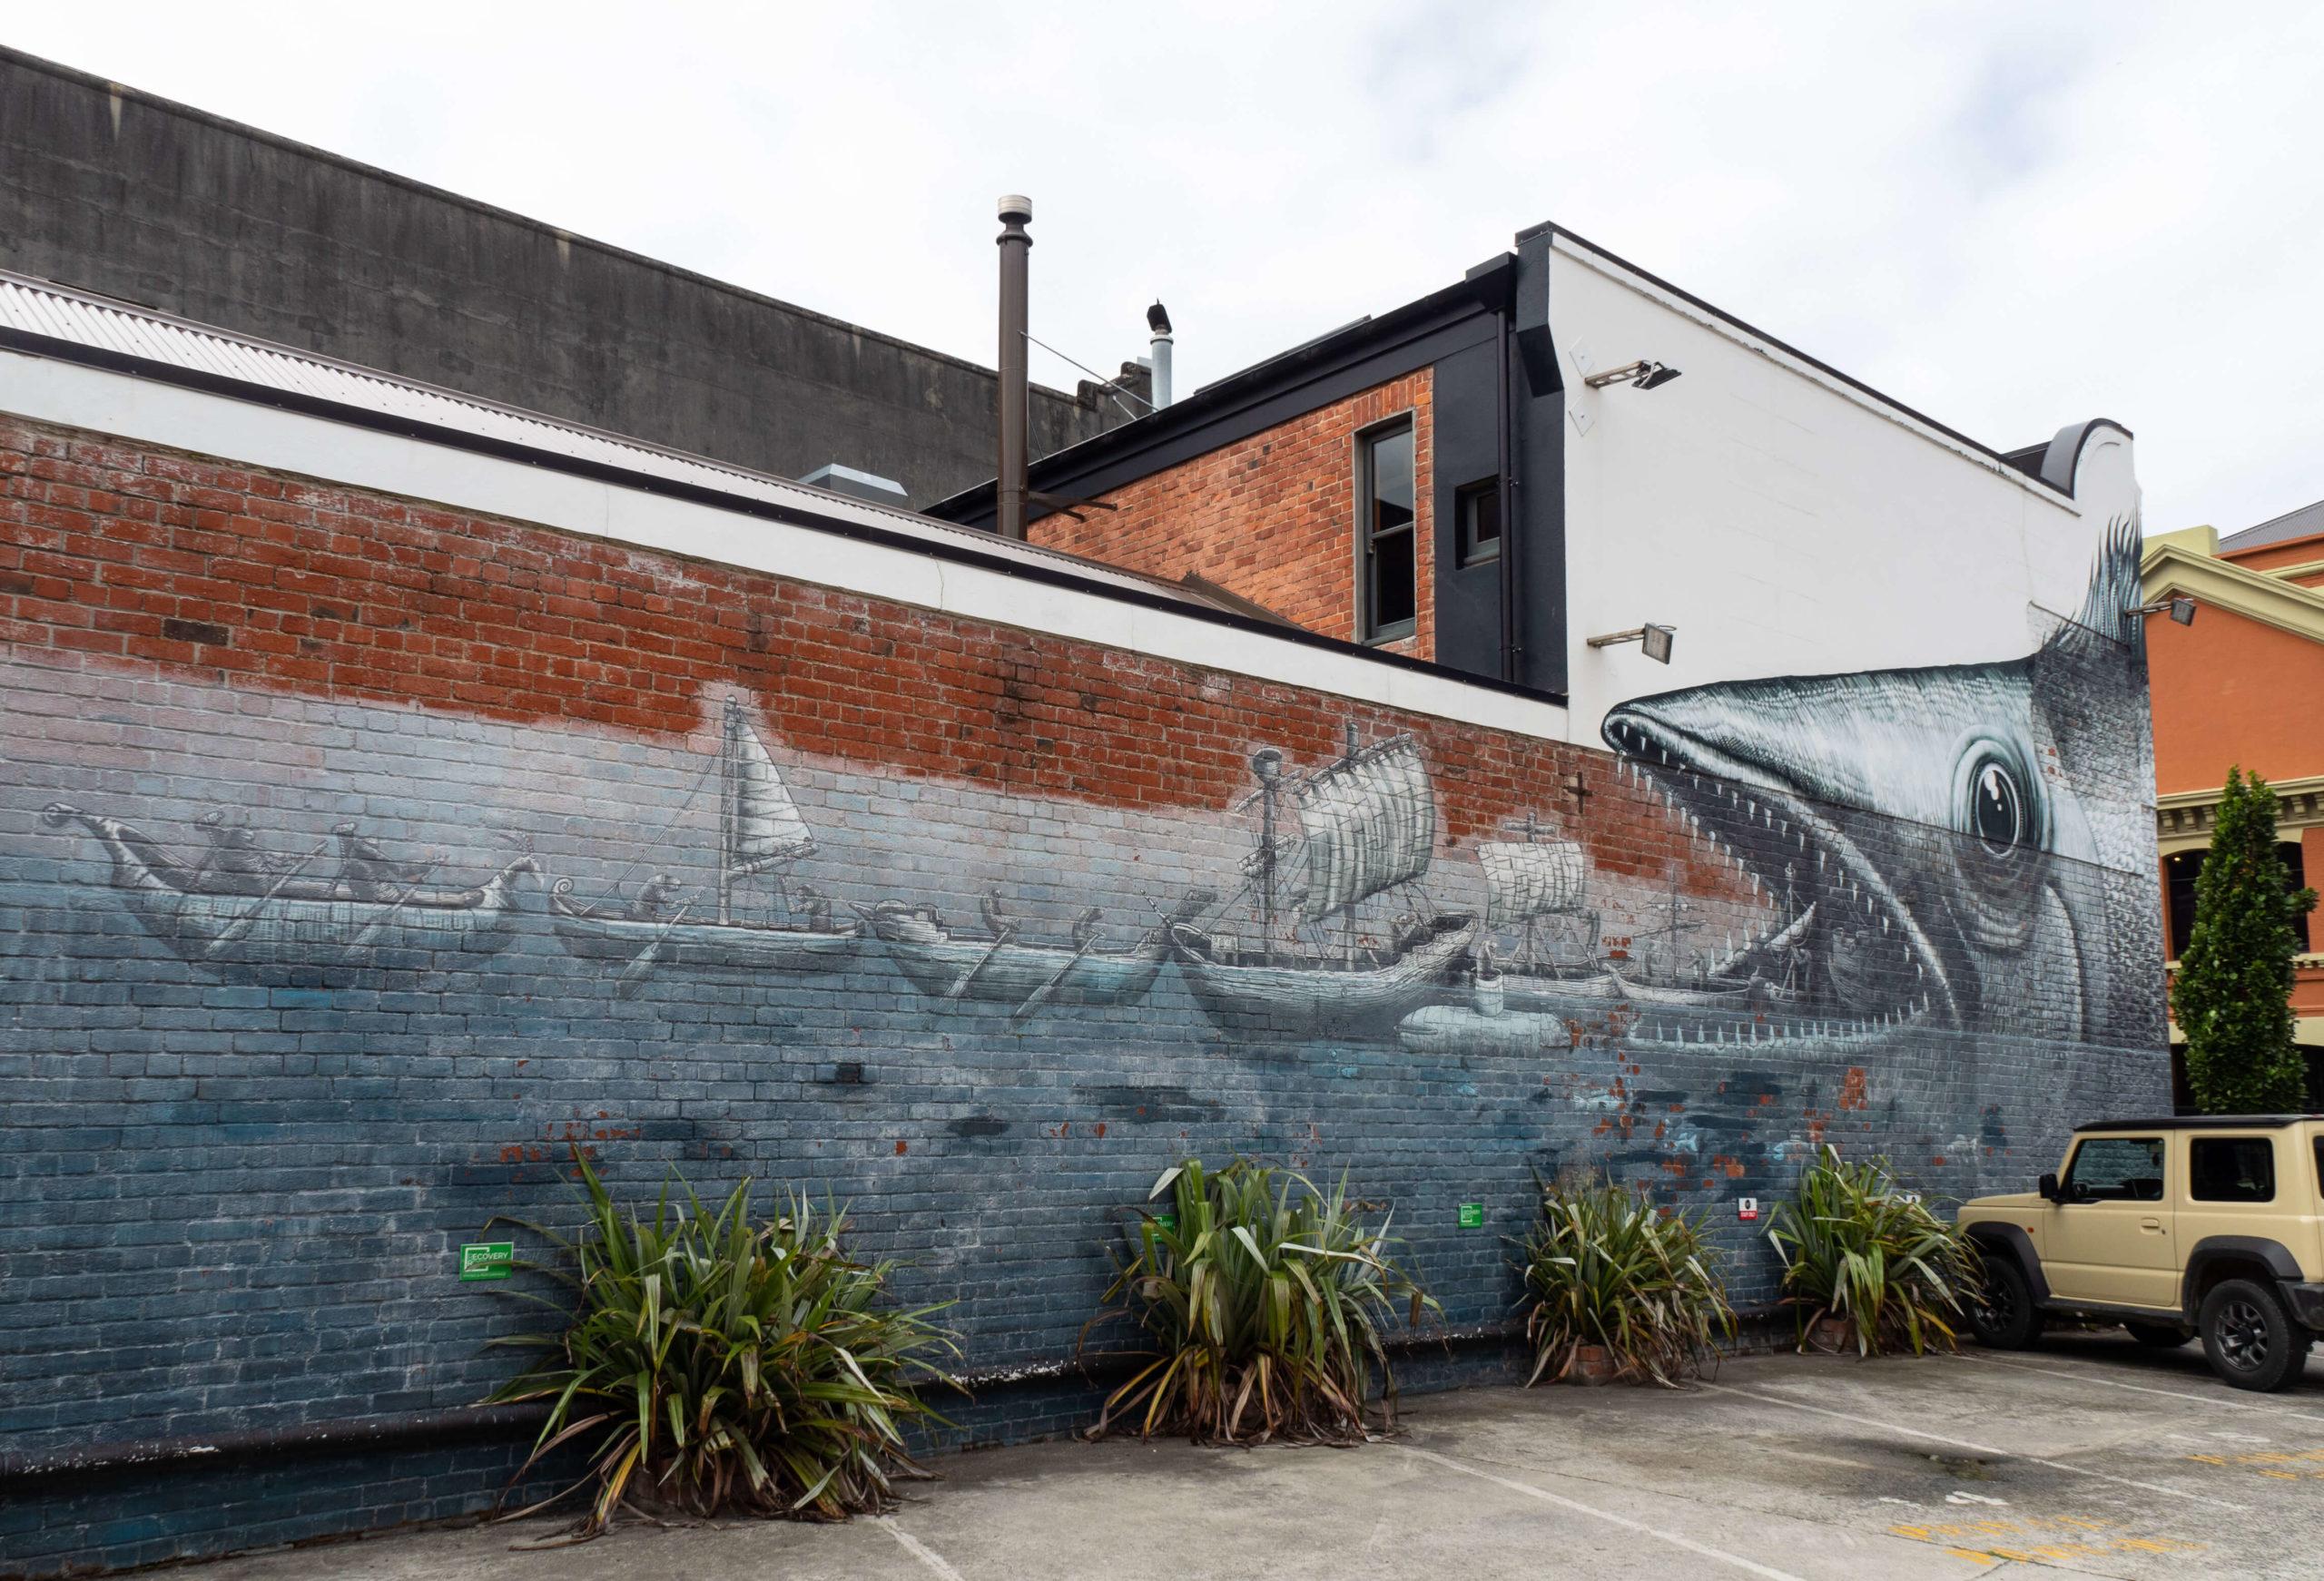 Bateaux et poisson street art trail Dunedin